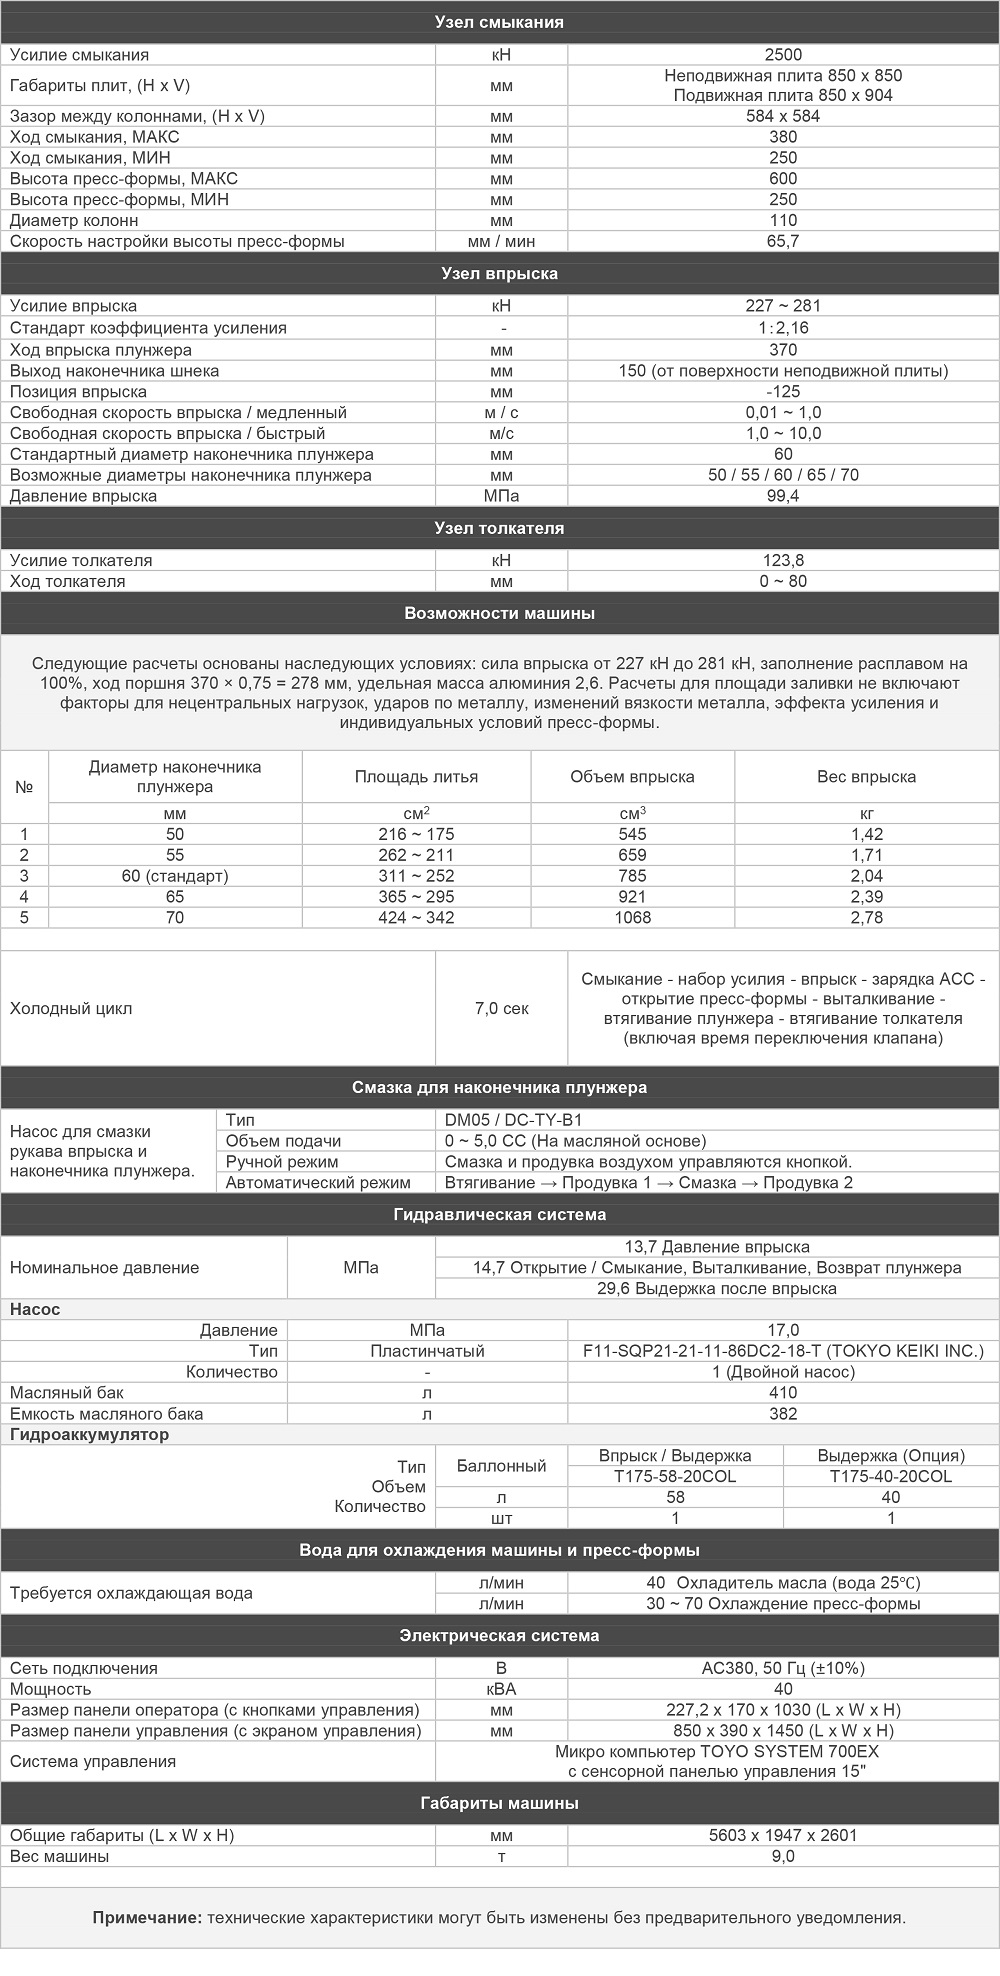 Характеристики гибридной литьевой машины TOYO 250 тонн